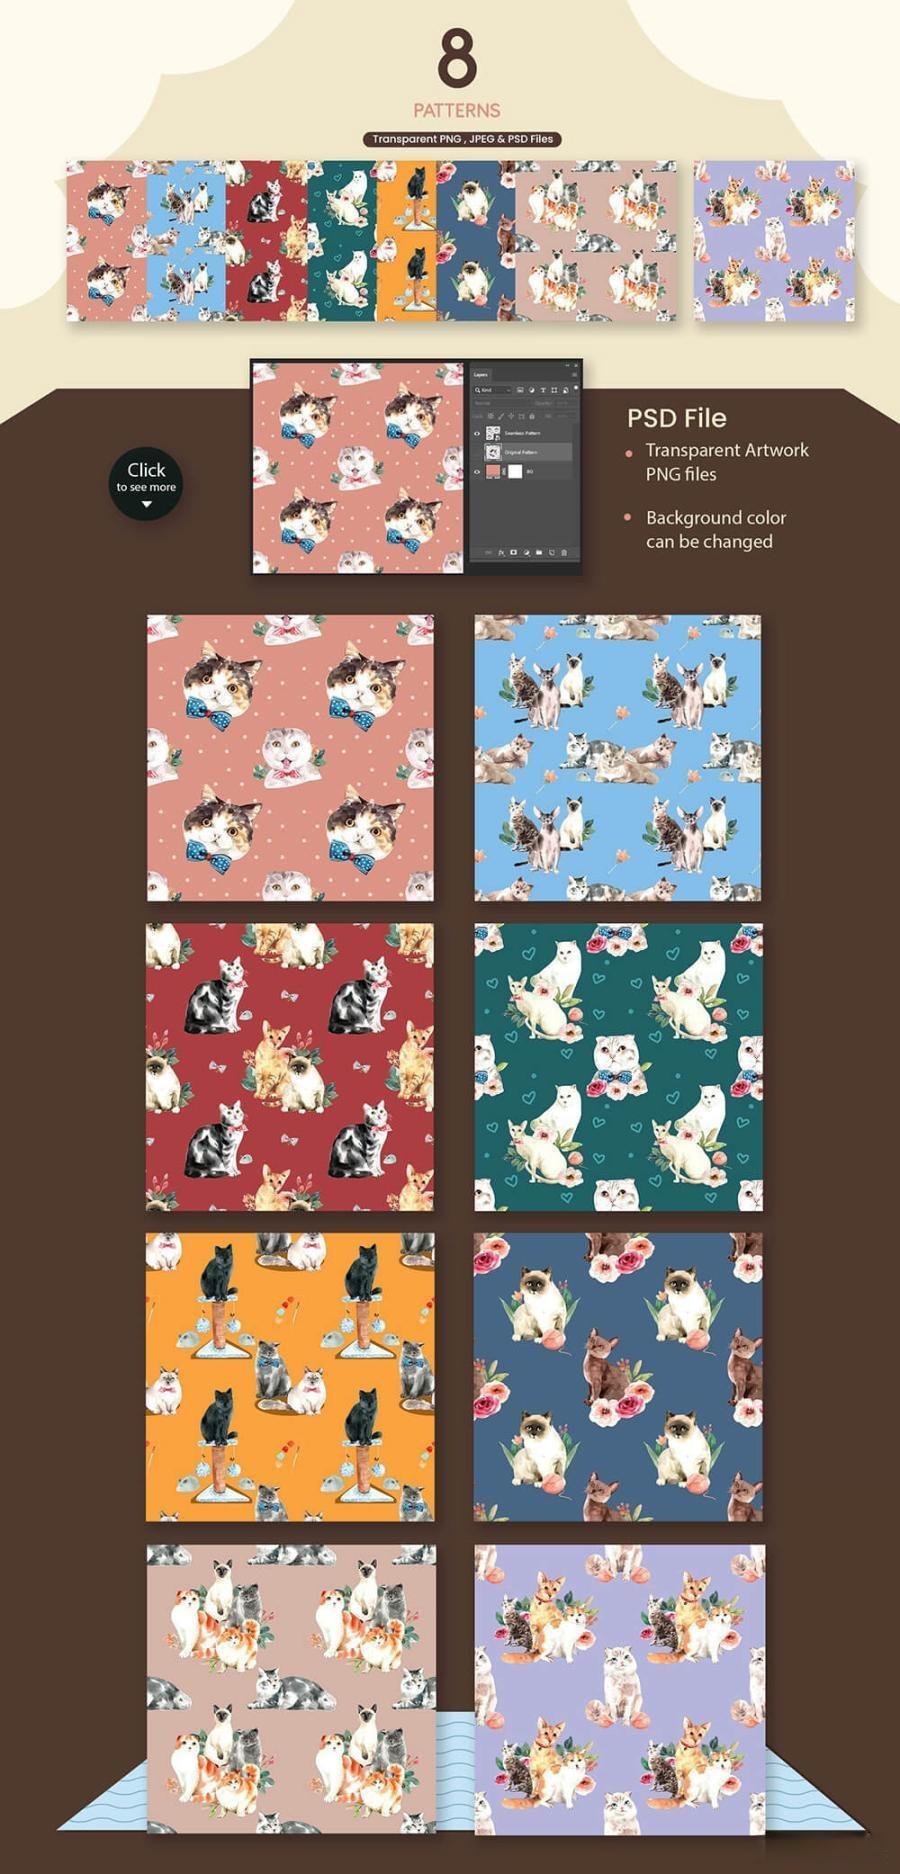 可爱风格的动物宠物猫手绘水彩PNG/JPG/PSD插画素材插图(9)